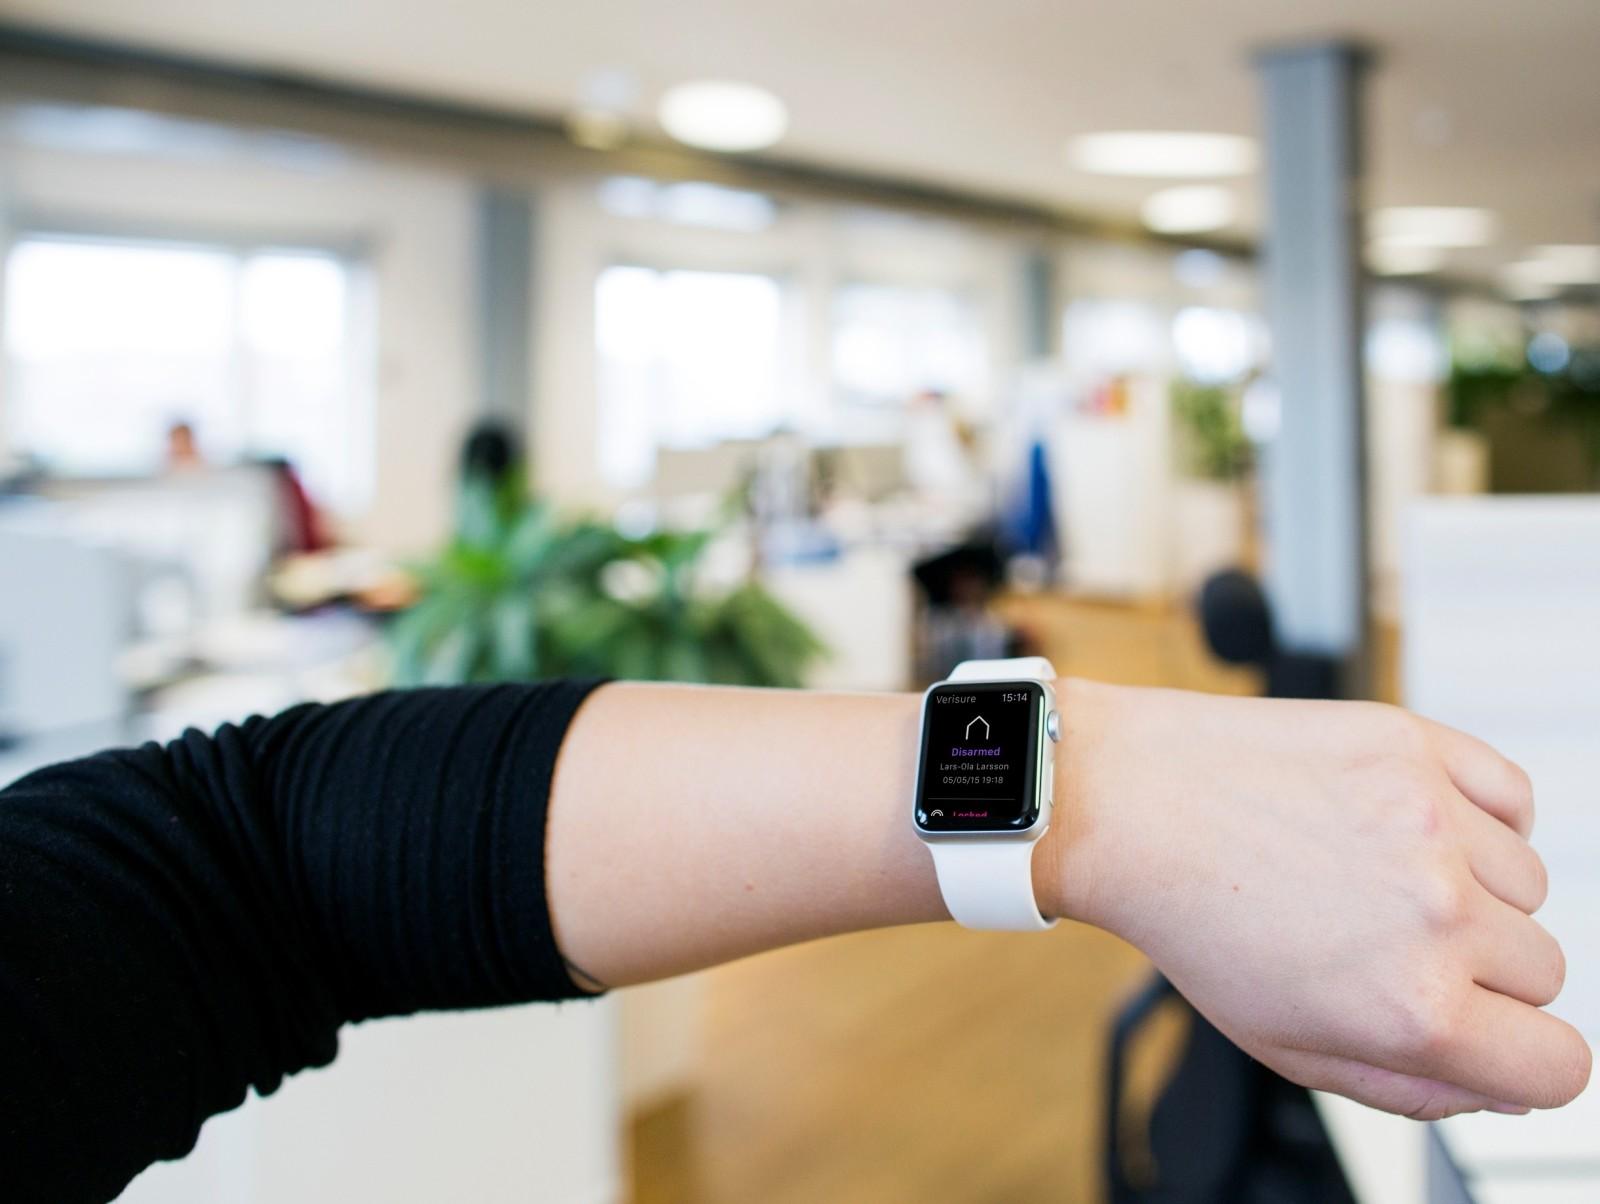 Verisure smartwatch app